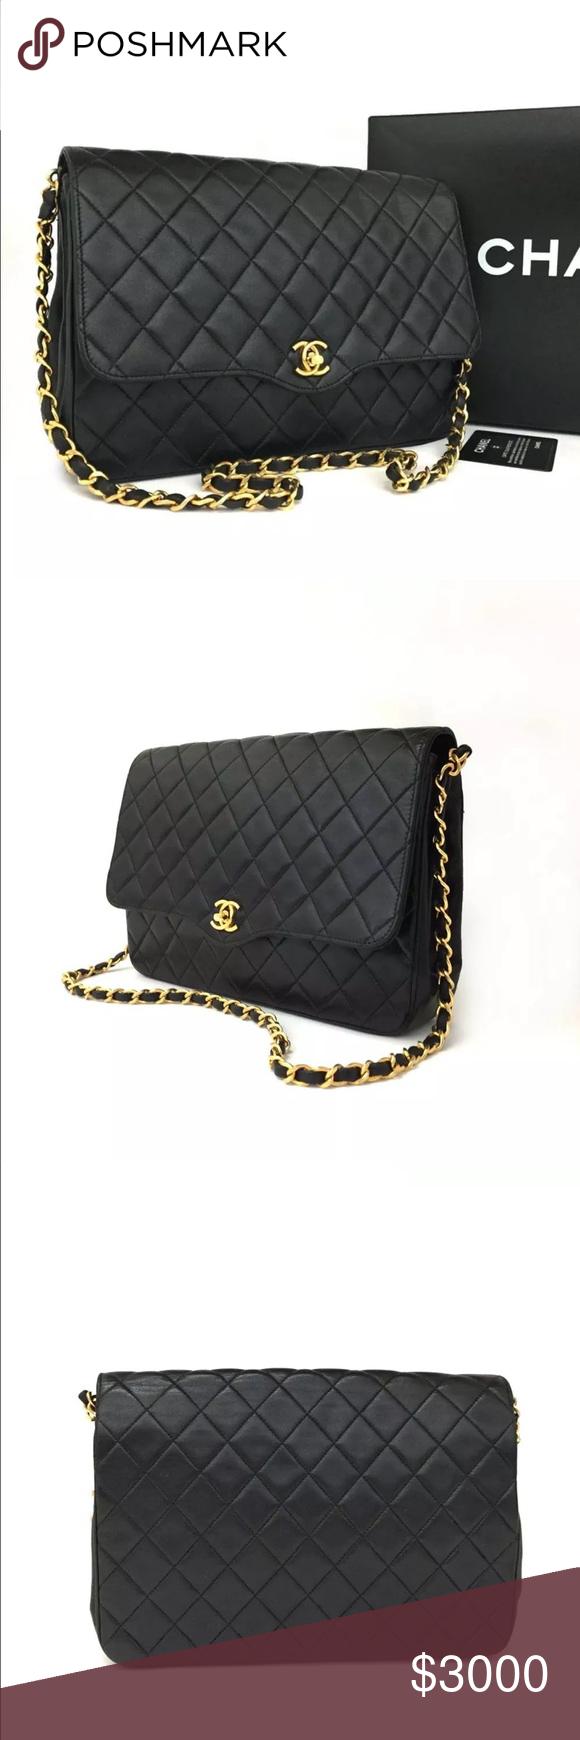 ed6bd2f16e6d Chanel cc logo matelasse lambskin shoulder bag Serial Number / Date  Code:2009946 Authentic Vintage CHANEL Quilted Matelasse CC Logo Lambskin  Chain Shoulder ...